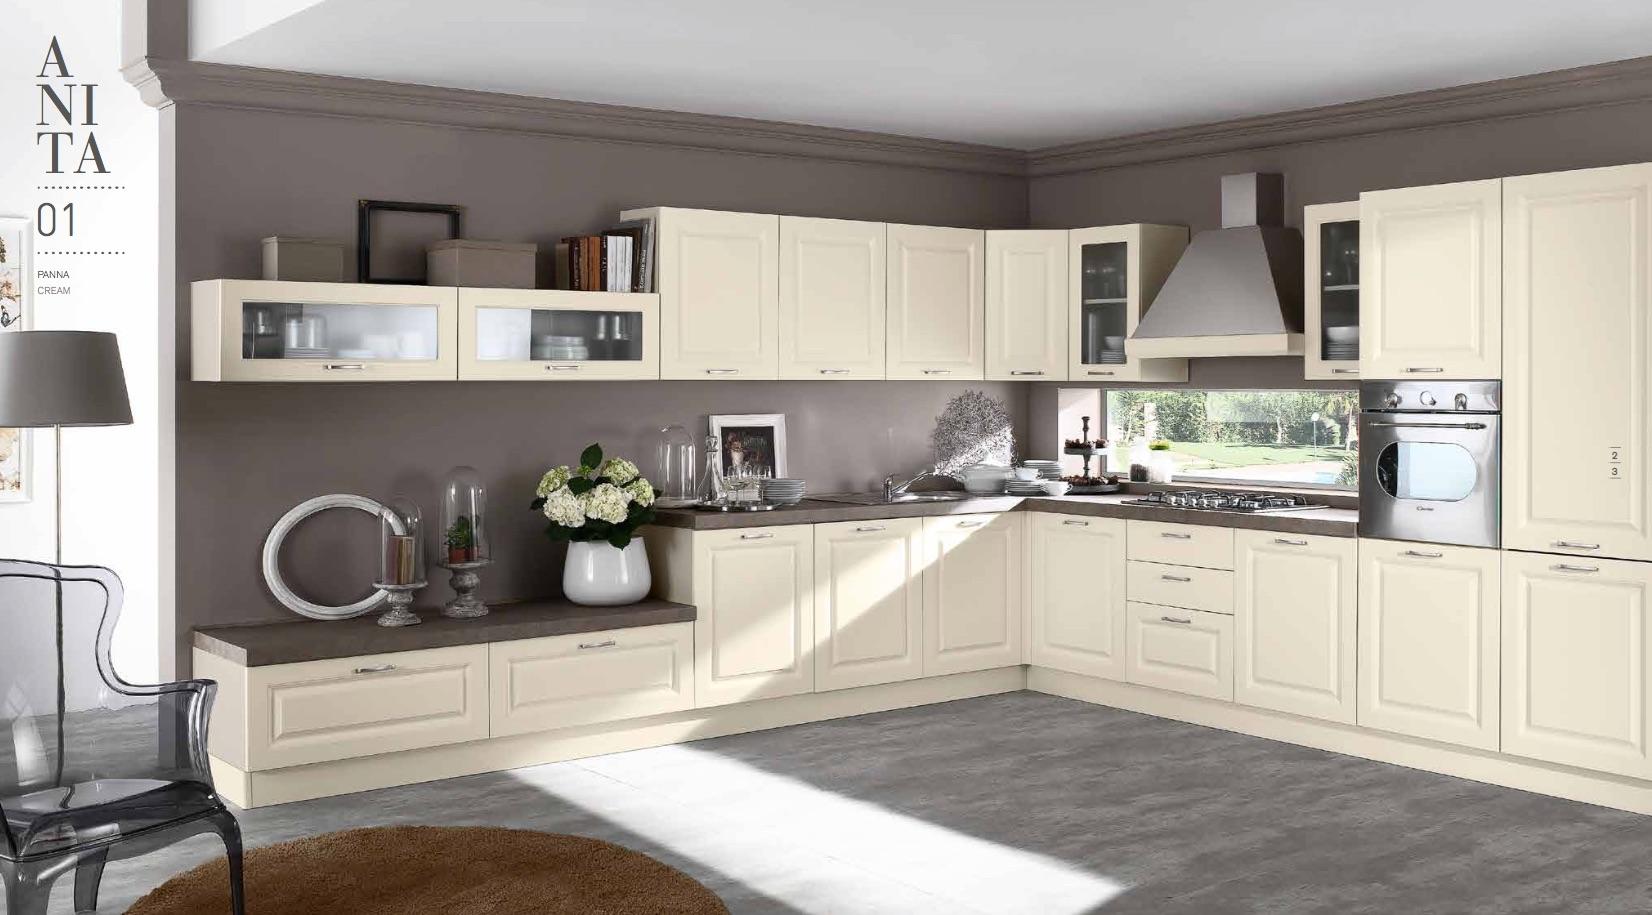 cucina anita tutto mobili arredamento camere cucine ufficio roma